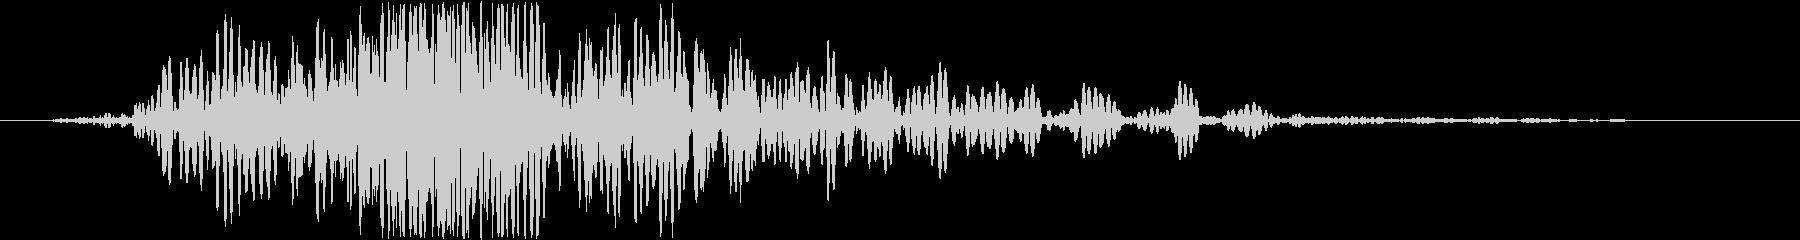 斬撃 ファイヤーイグナイトラージ03の未再生の波形